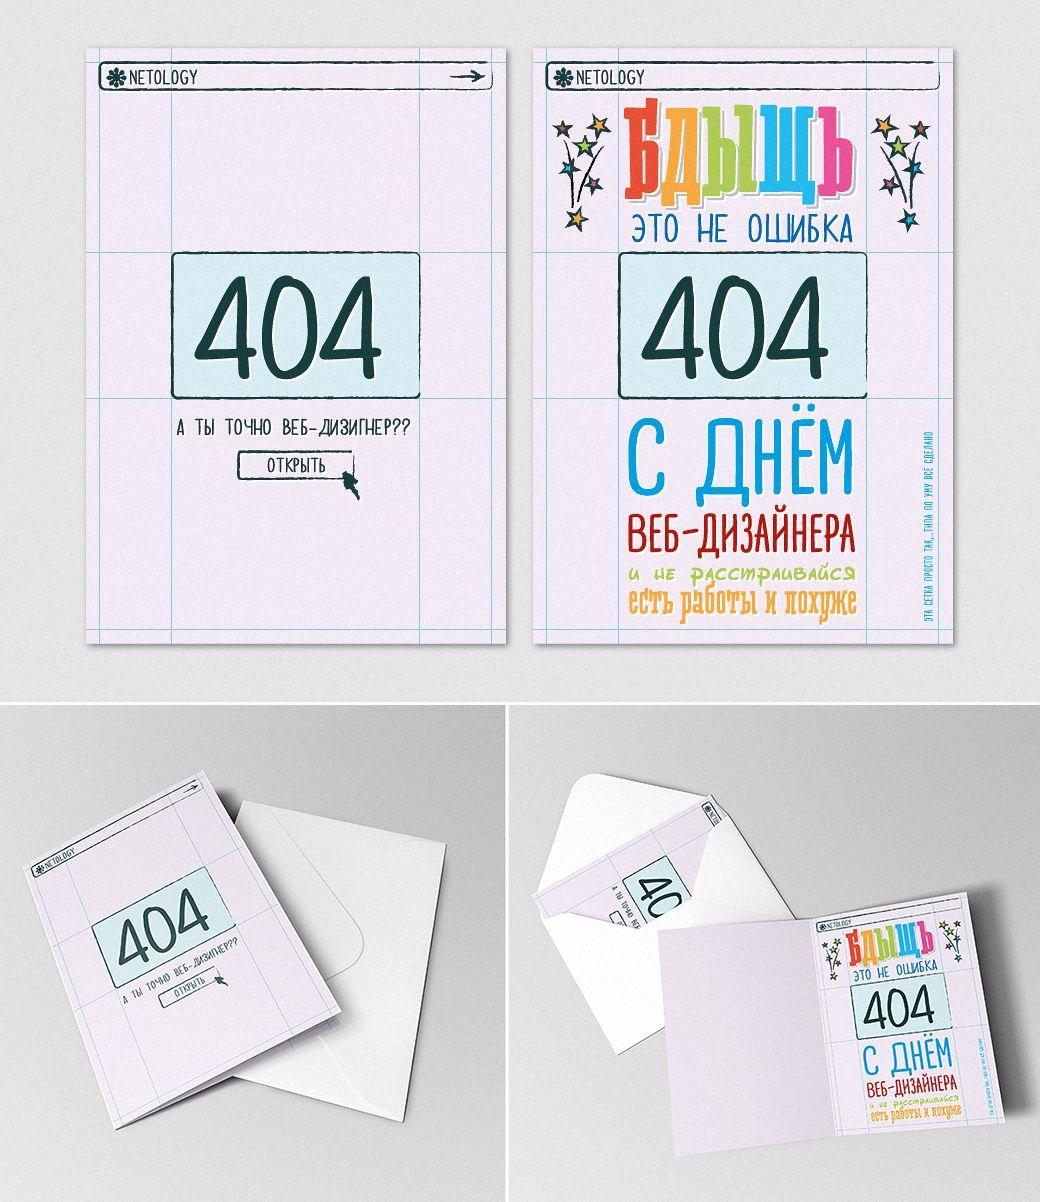 Дизайн открытки. Приз – онлайн-курс по веб-дизайну - дизайнер vectorgrad